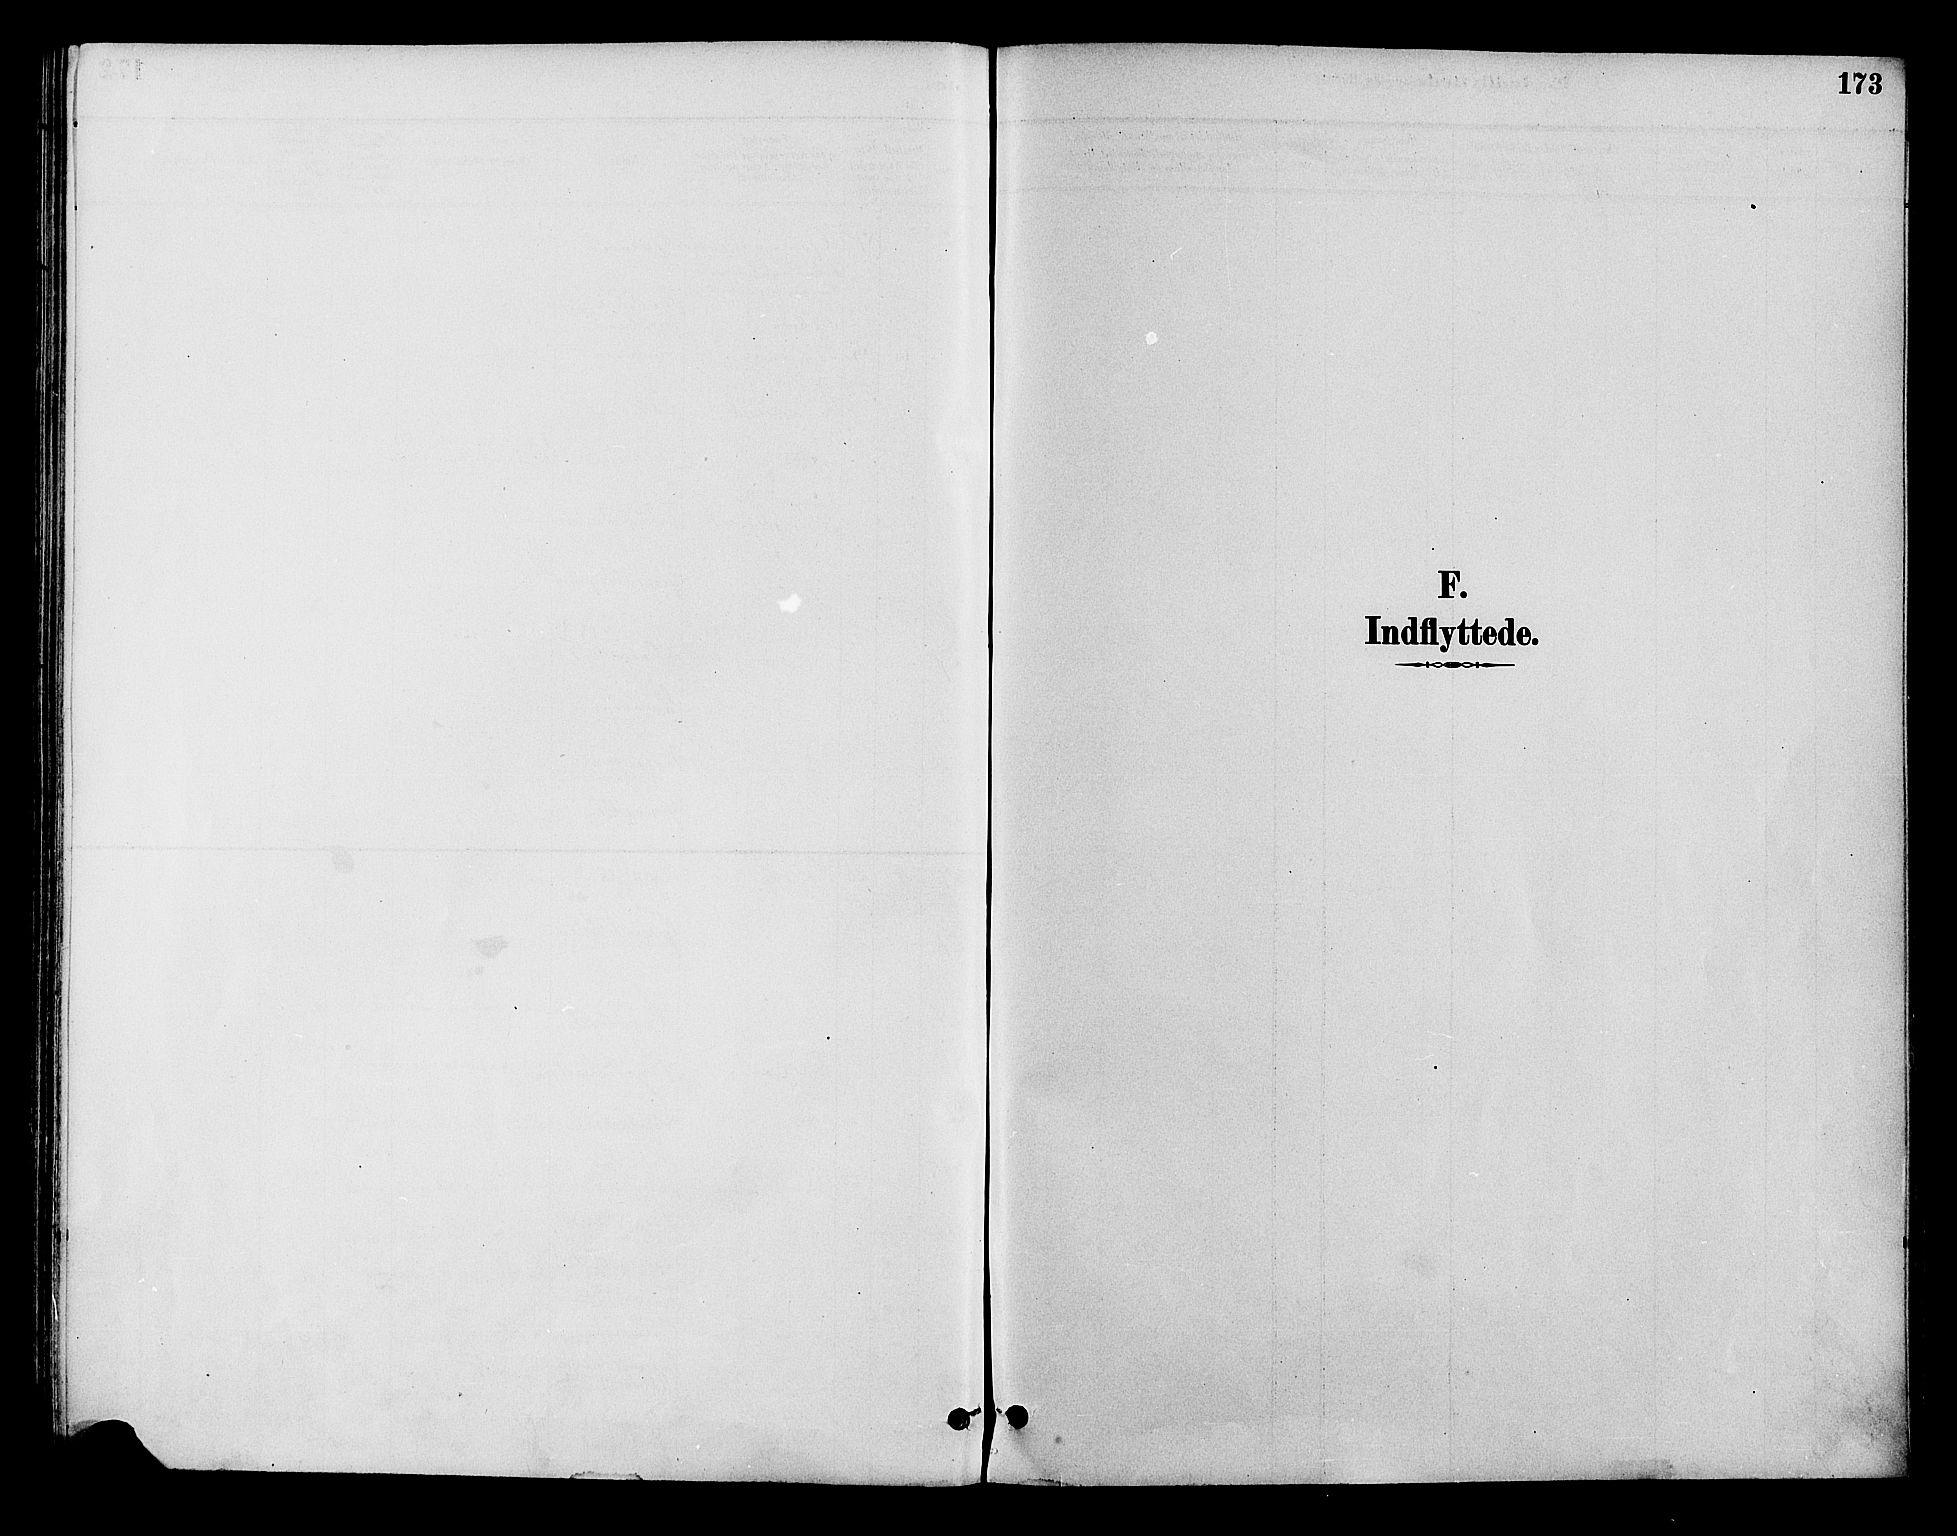 SAH, Lom prestekontor, K/L0008: Ministerialbok nr. 8, 1885-1898, s. 173